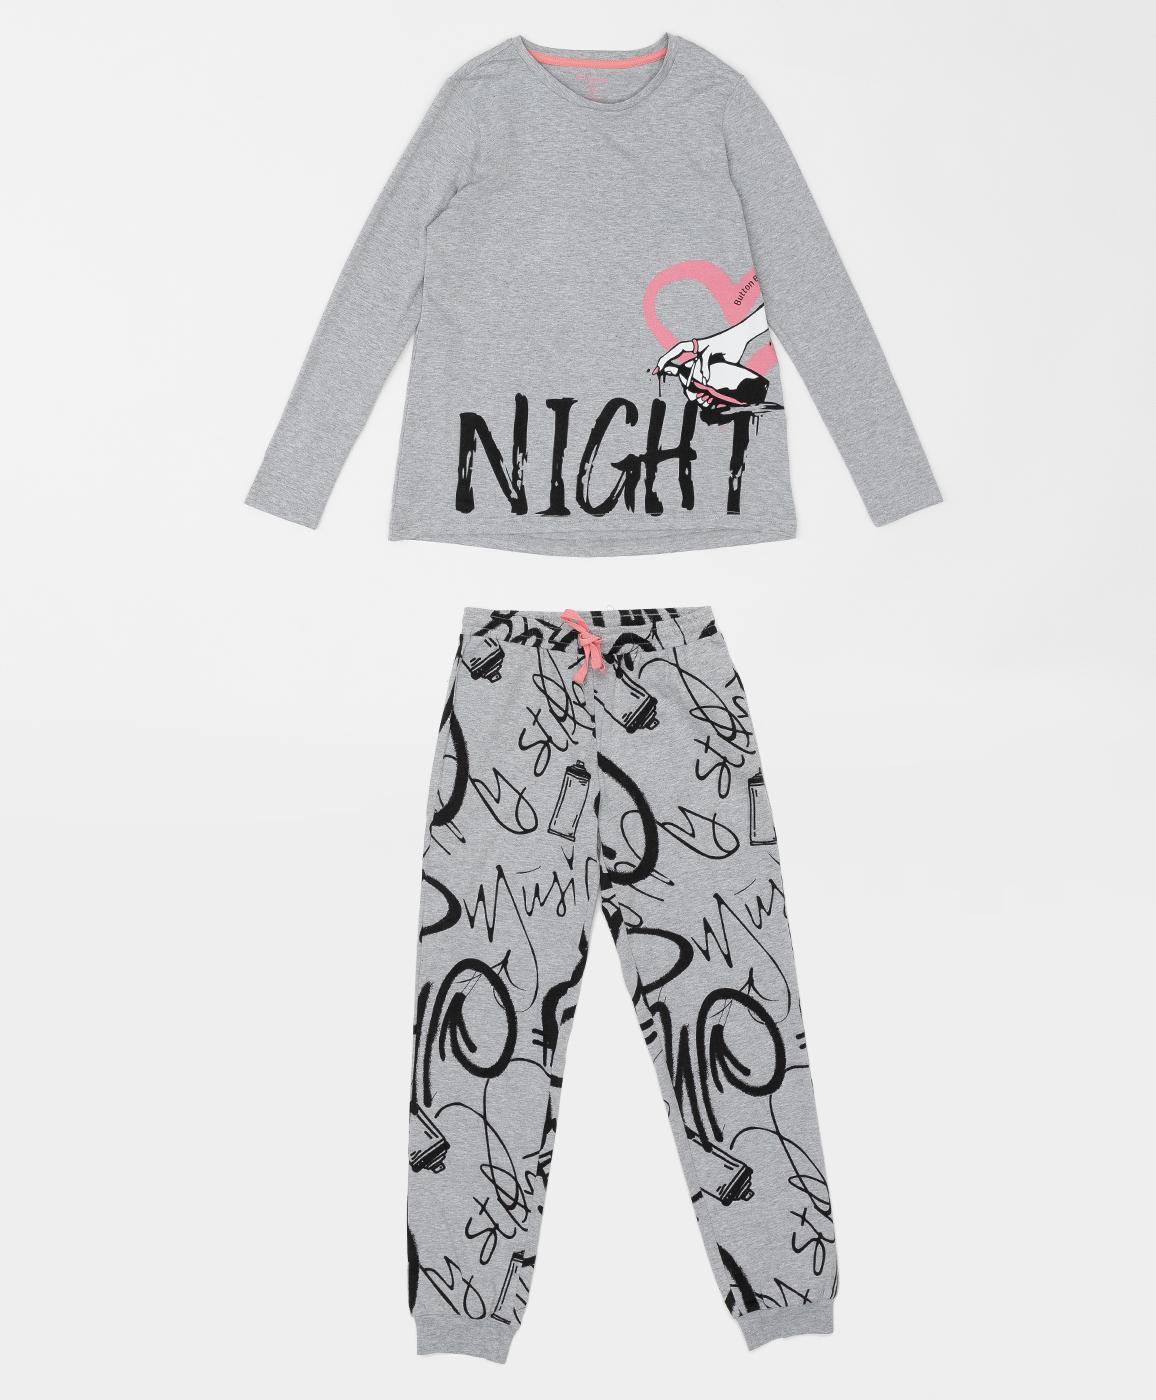 Купить 220BBGJU97012035, Пижама для девочки Button Blue, серый, 152-158, Хлопок, Женский, ОСЕНЬ/ЗИМА 2020-2021 (shop: GulliverMarket Gulliver Market)